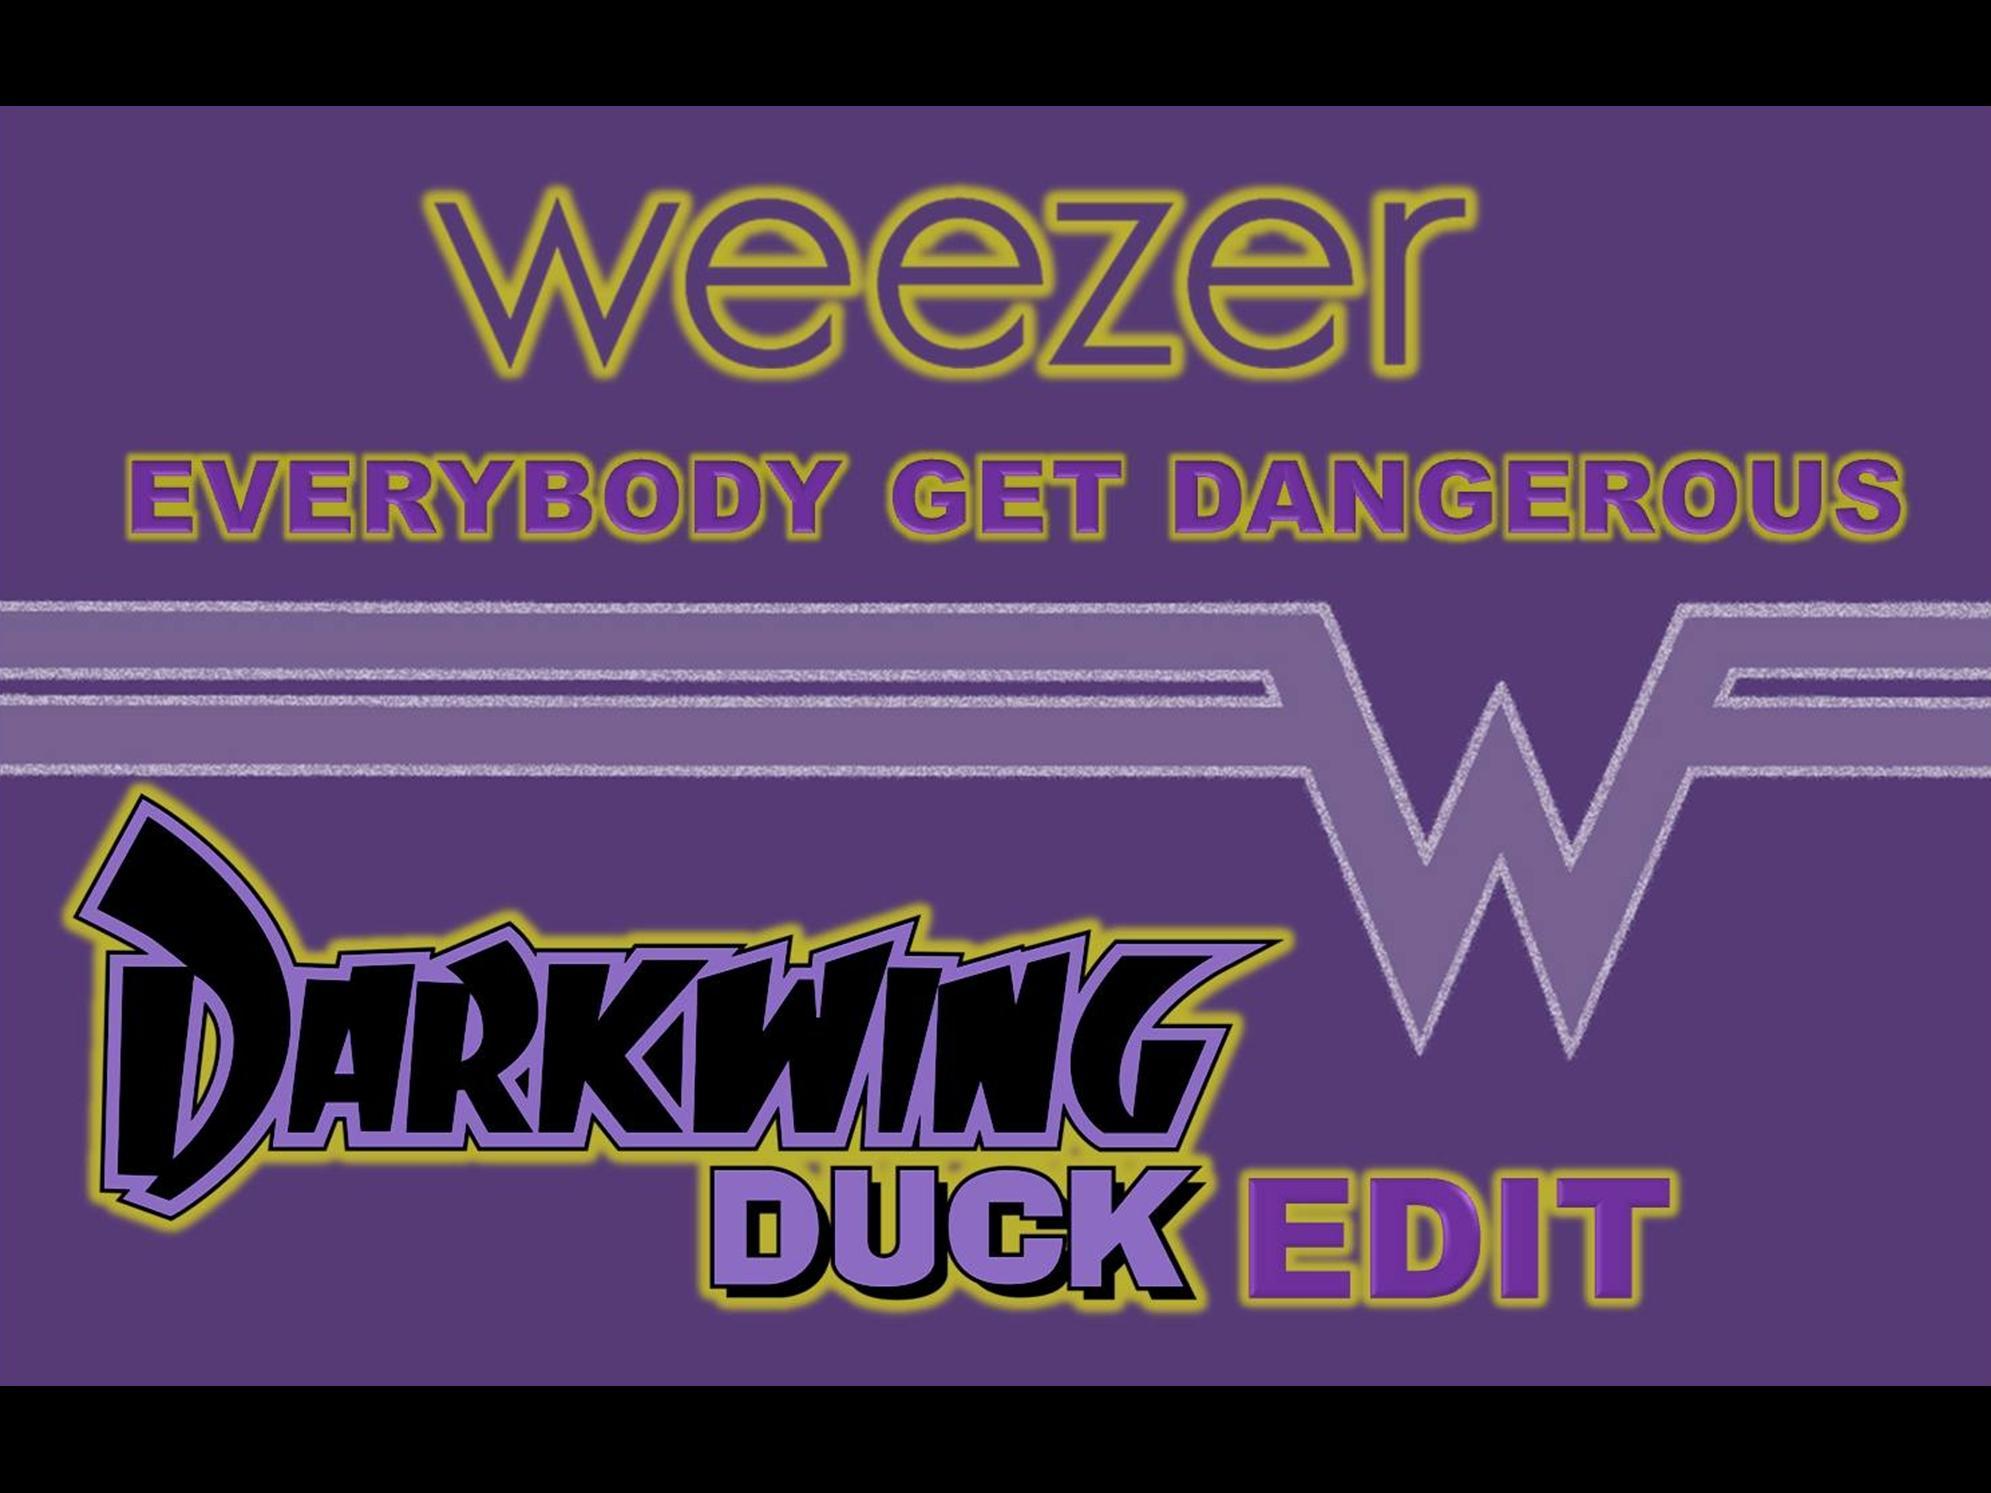 Weezer- Everybody Get Dangerous (Darkwing Duck Edit)